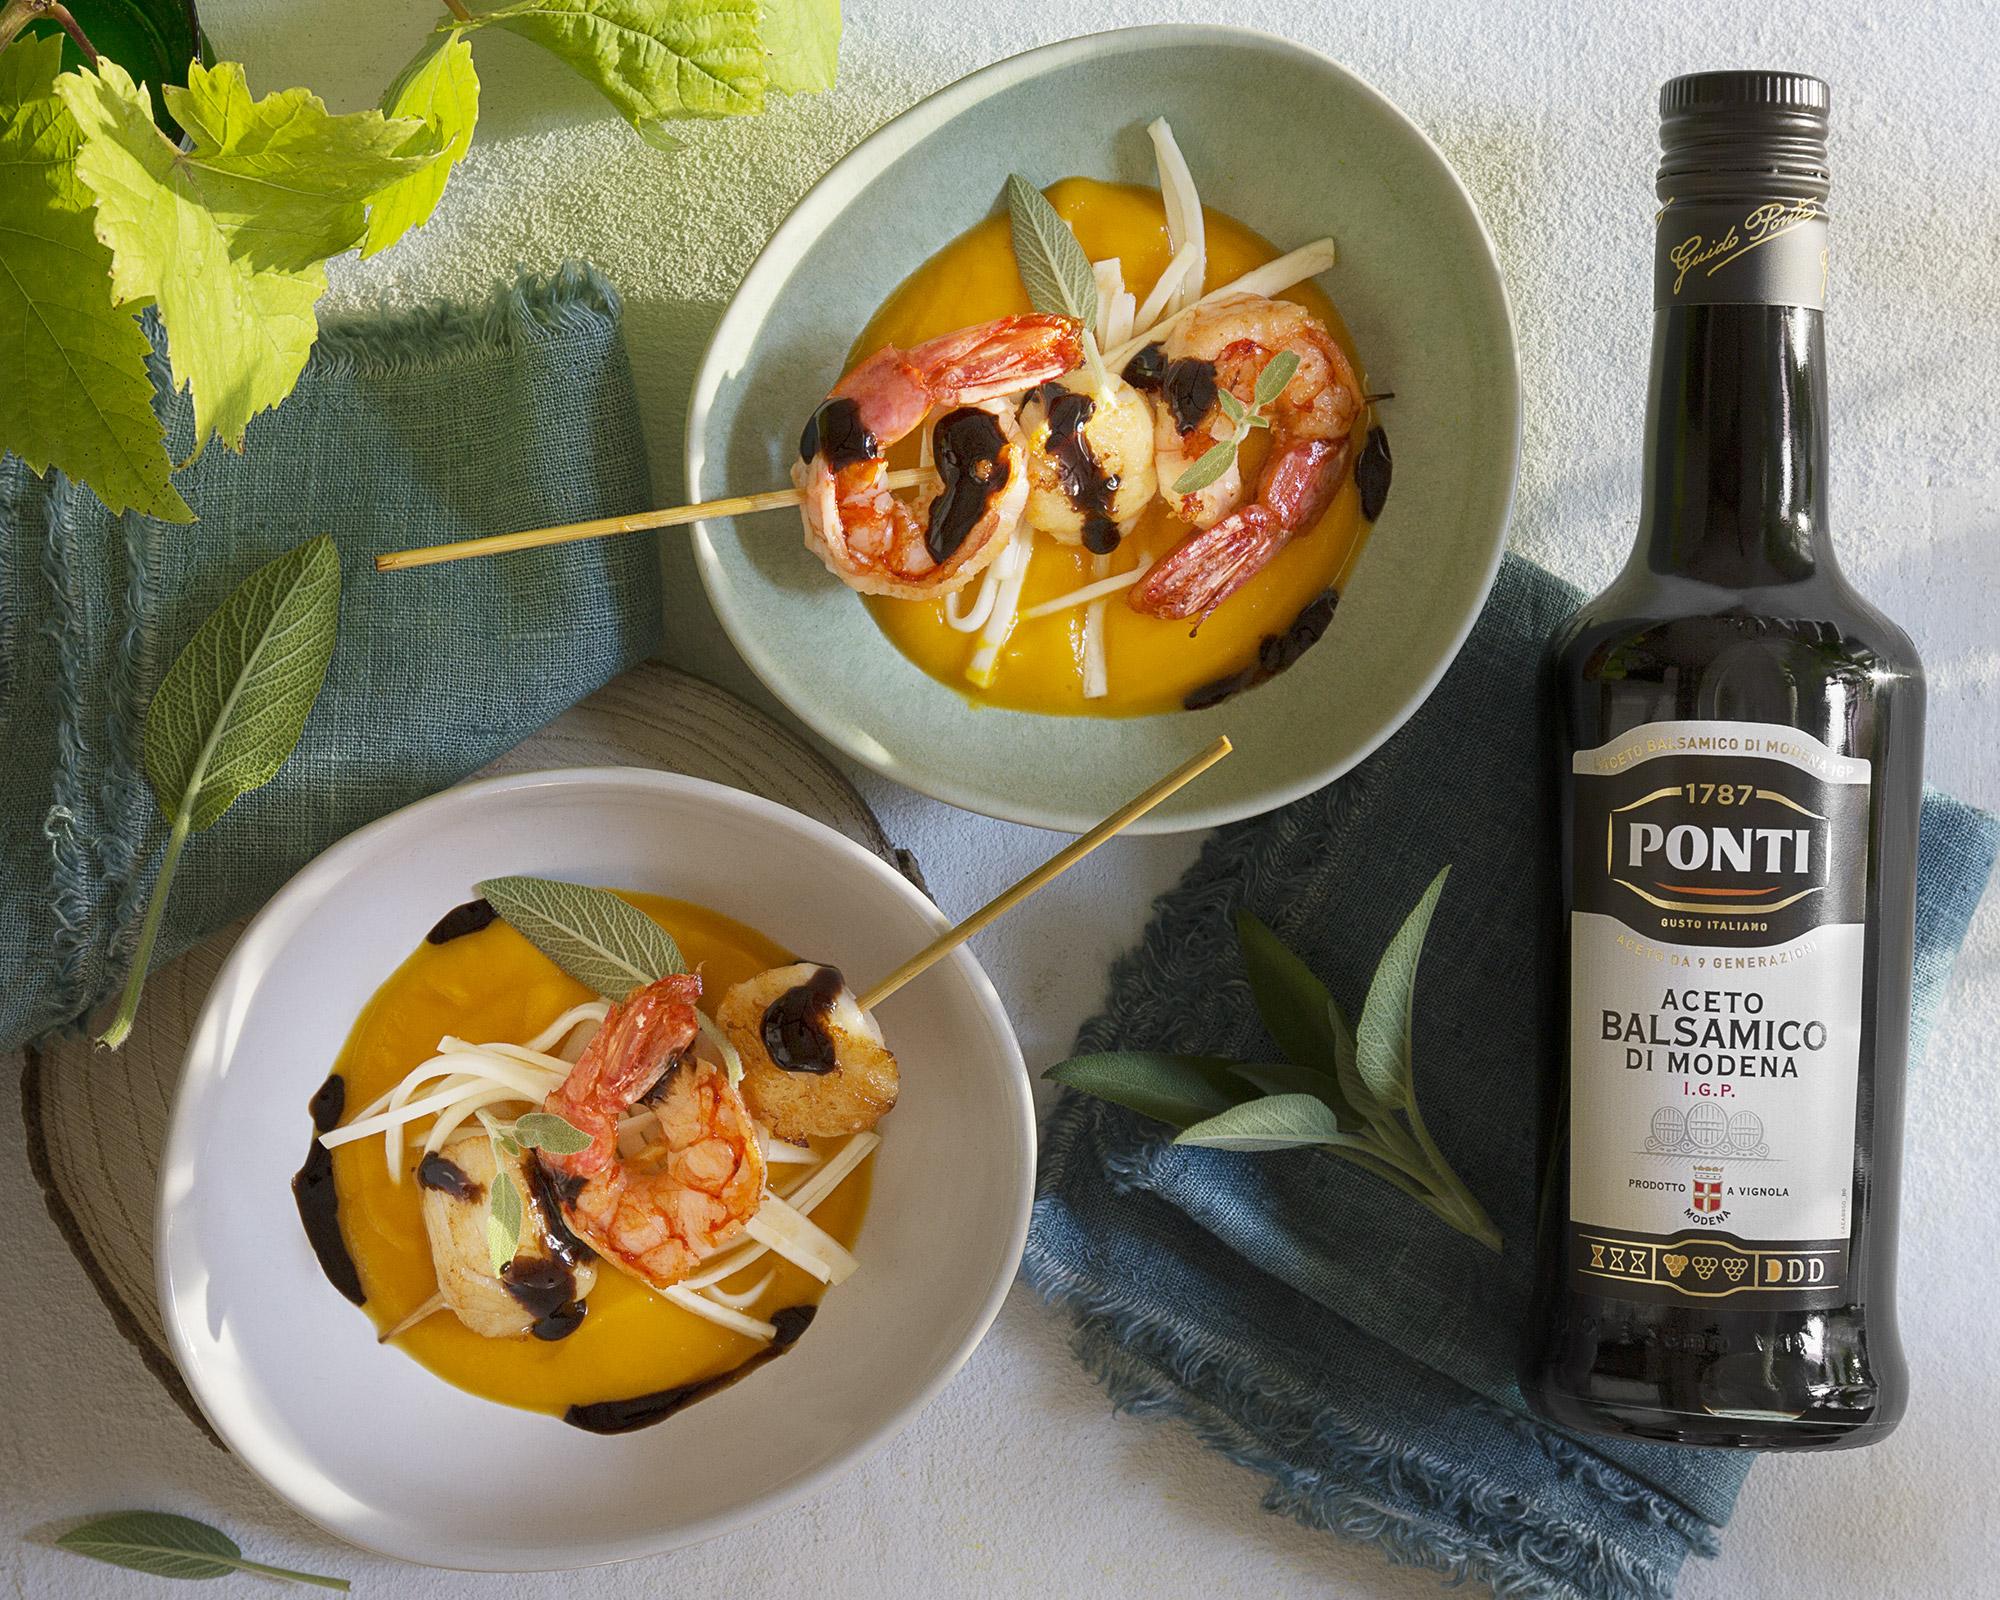 Spiedo di gamberi e capesante su crema di zucca sedano rapa arrostito e aceto balsamico - Ponti